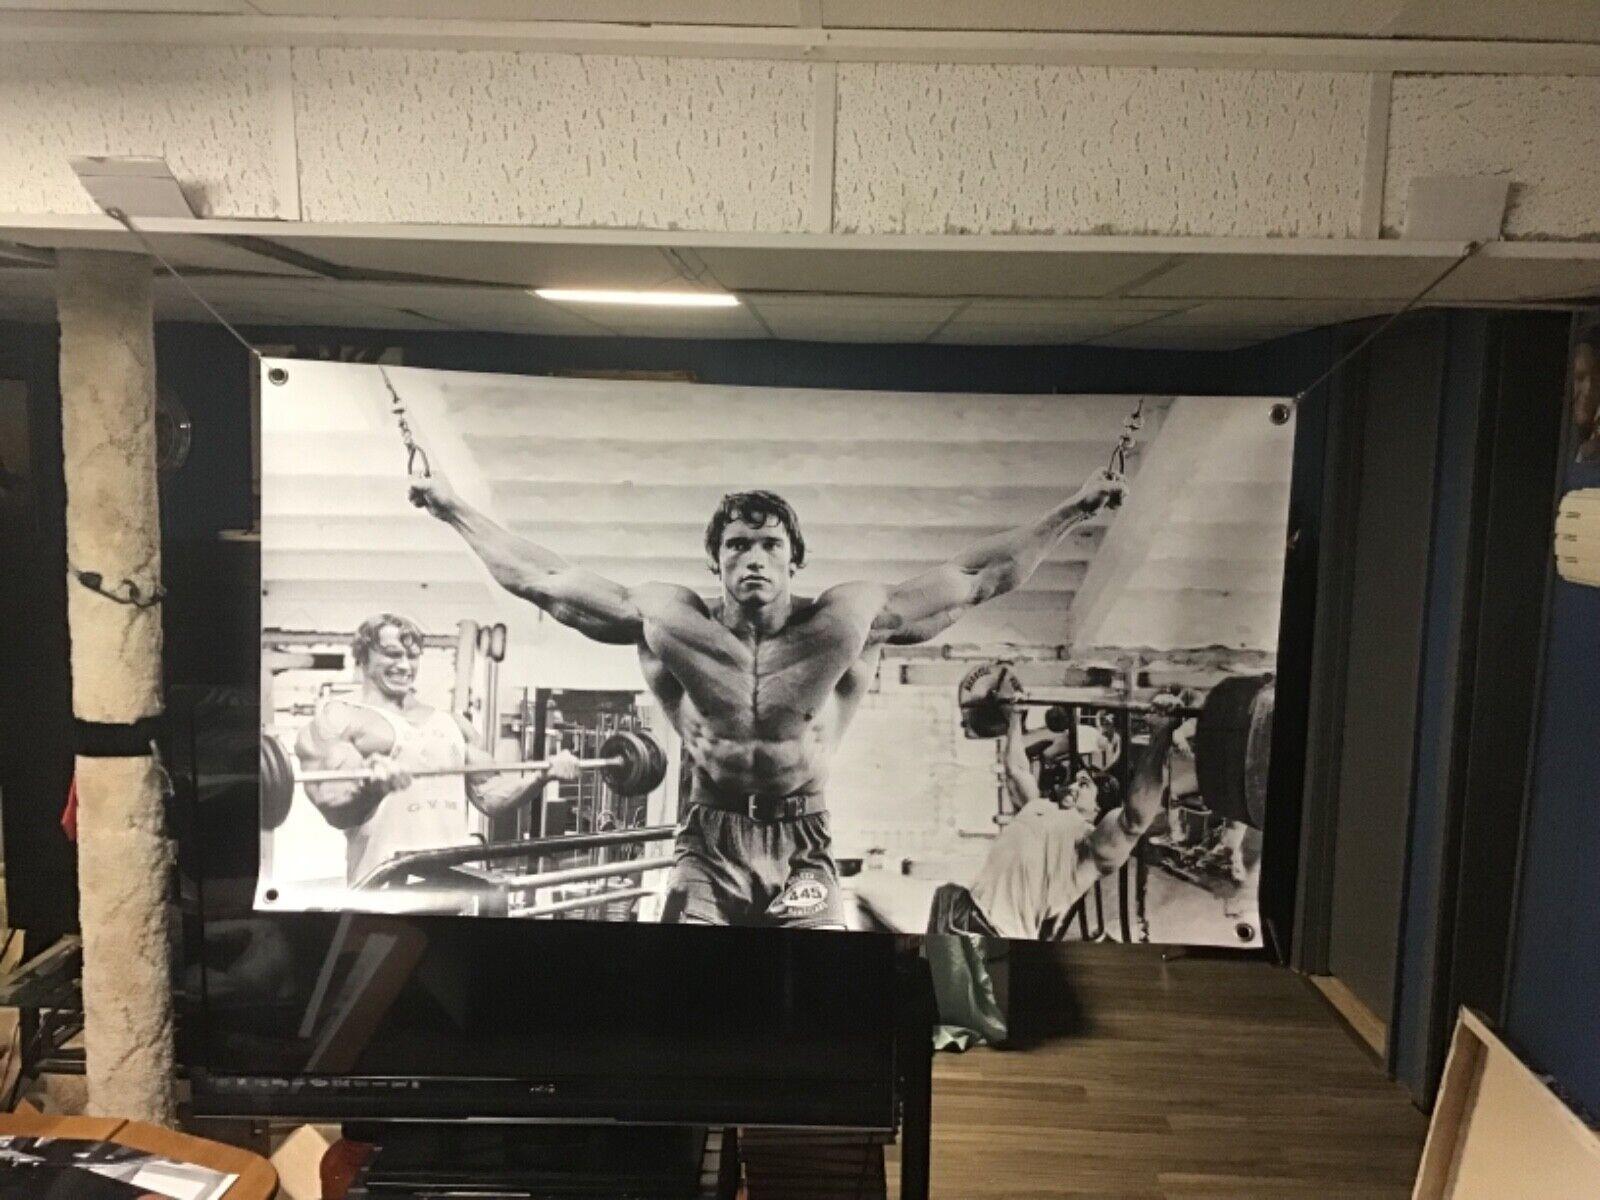 NEW HUGE 47x26 Arnold Schwarzenegger VINYL BANNER POSTER Mov